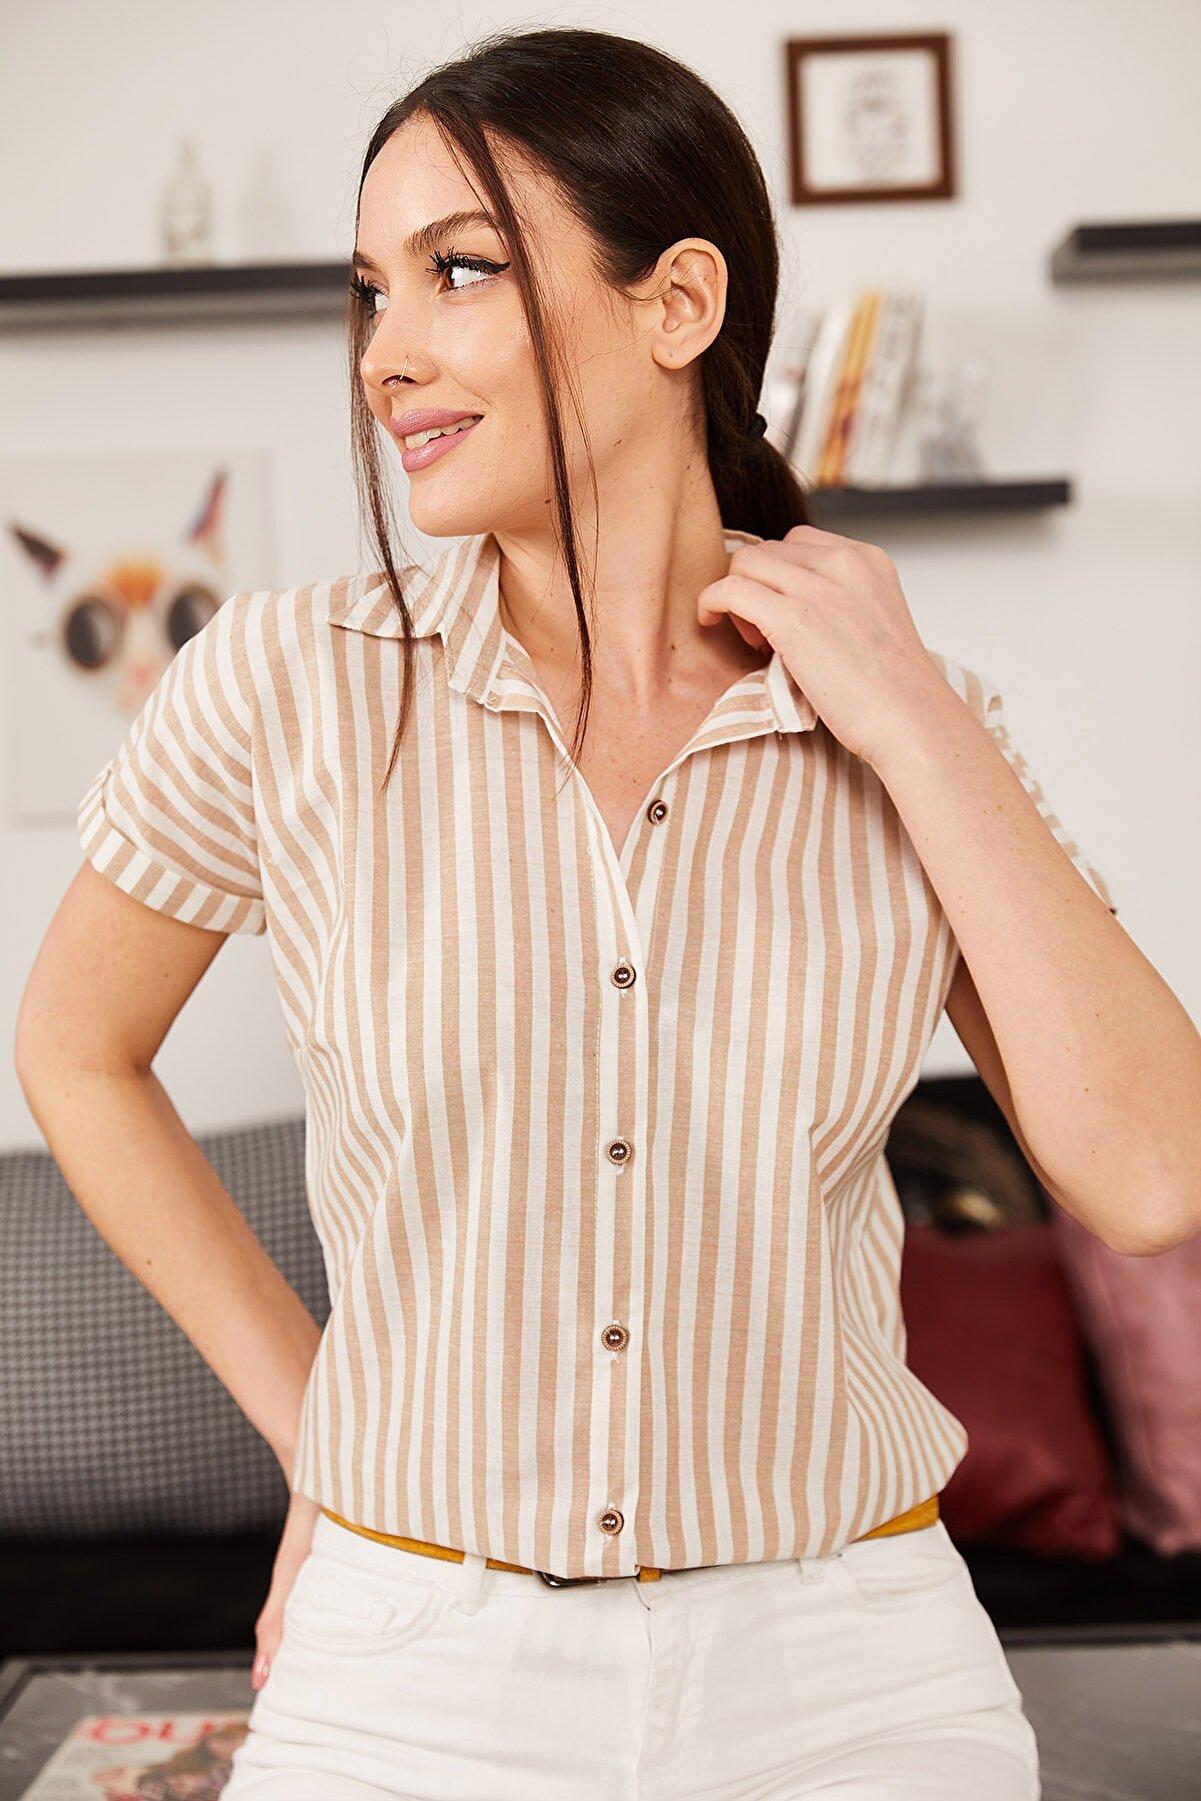 armonika Kadın Vizon İnce Çizgili Kısa Kol Gömlek ARM-21K001188